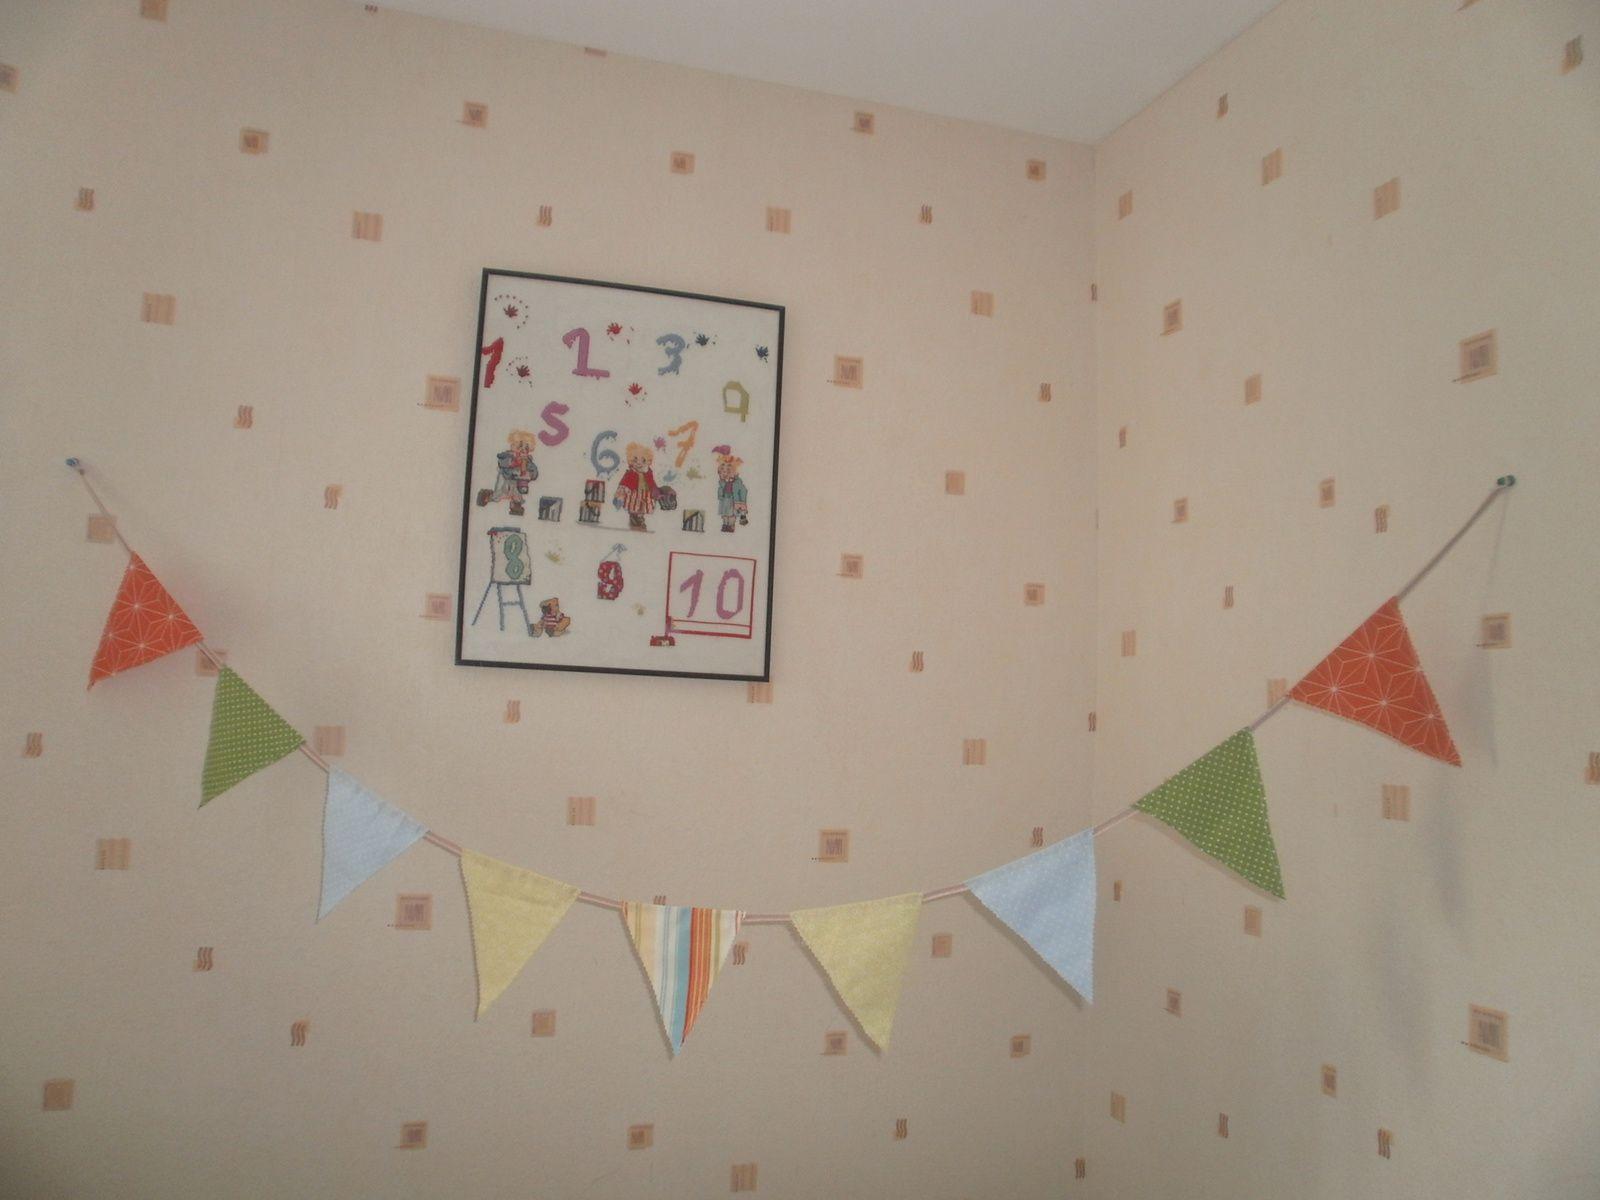 Voici la guirlande  dans la chambre de mon futur bébé